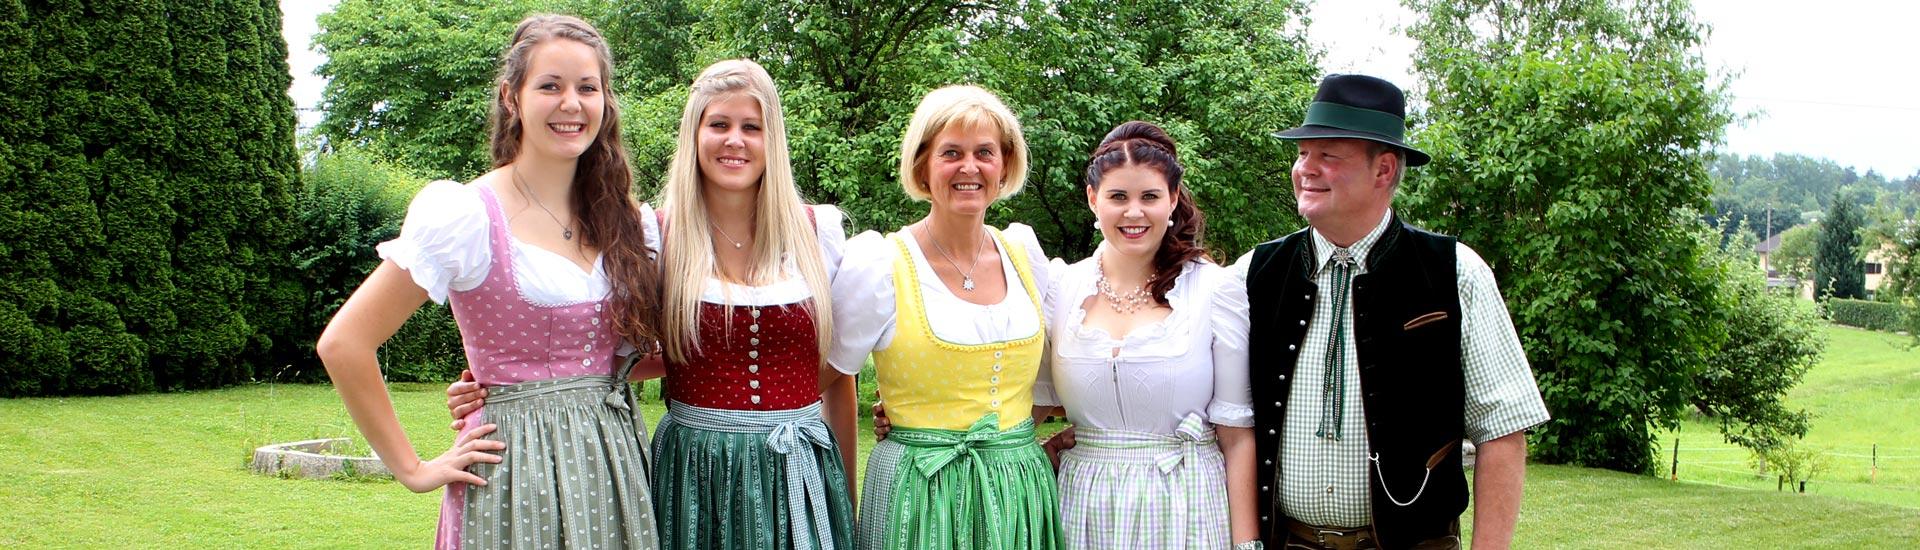 Gasthaus Raggei Bräu, Hausbrauerei, Kistensau, Musikanten Stammtisch, Acharting, Anthering, Salzburg